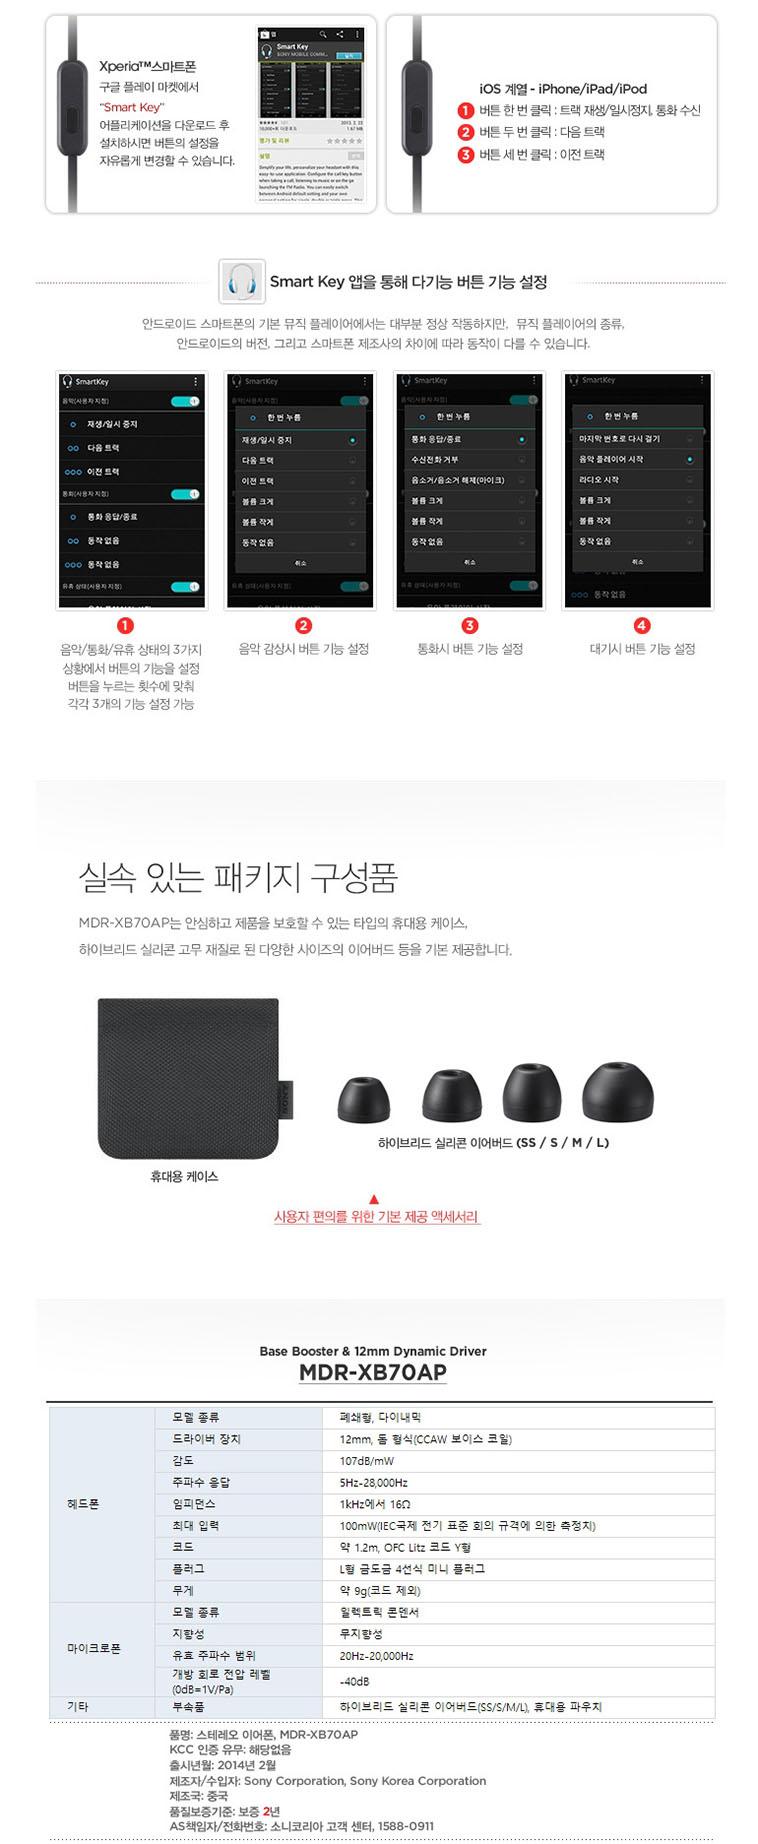 [소니]MDR-XB70AP 이어폰 - 상세정보